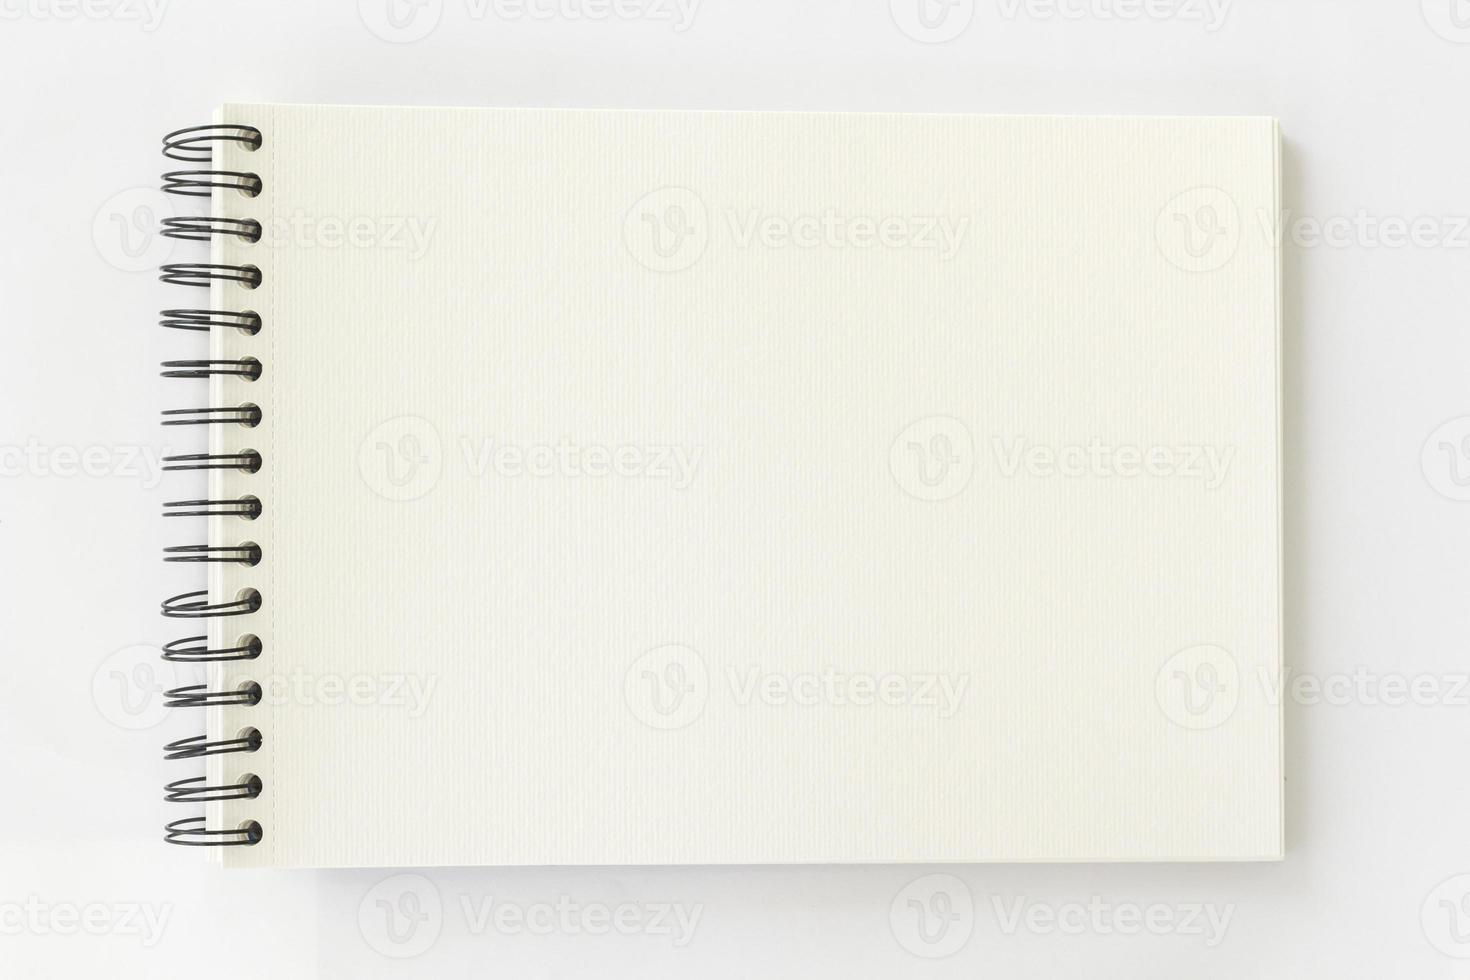 livre aquarelle en spirale sur fond blanc photo